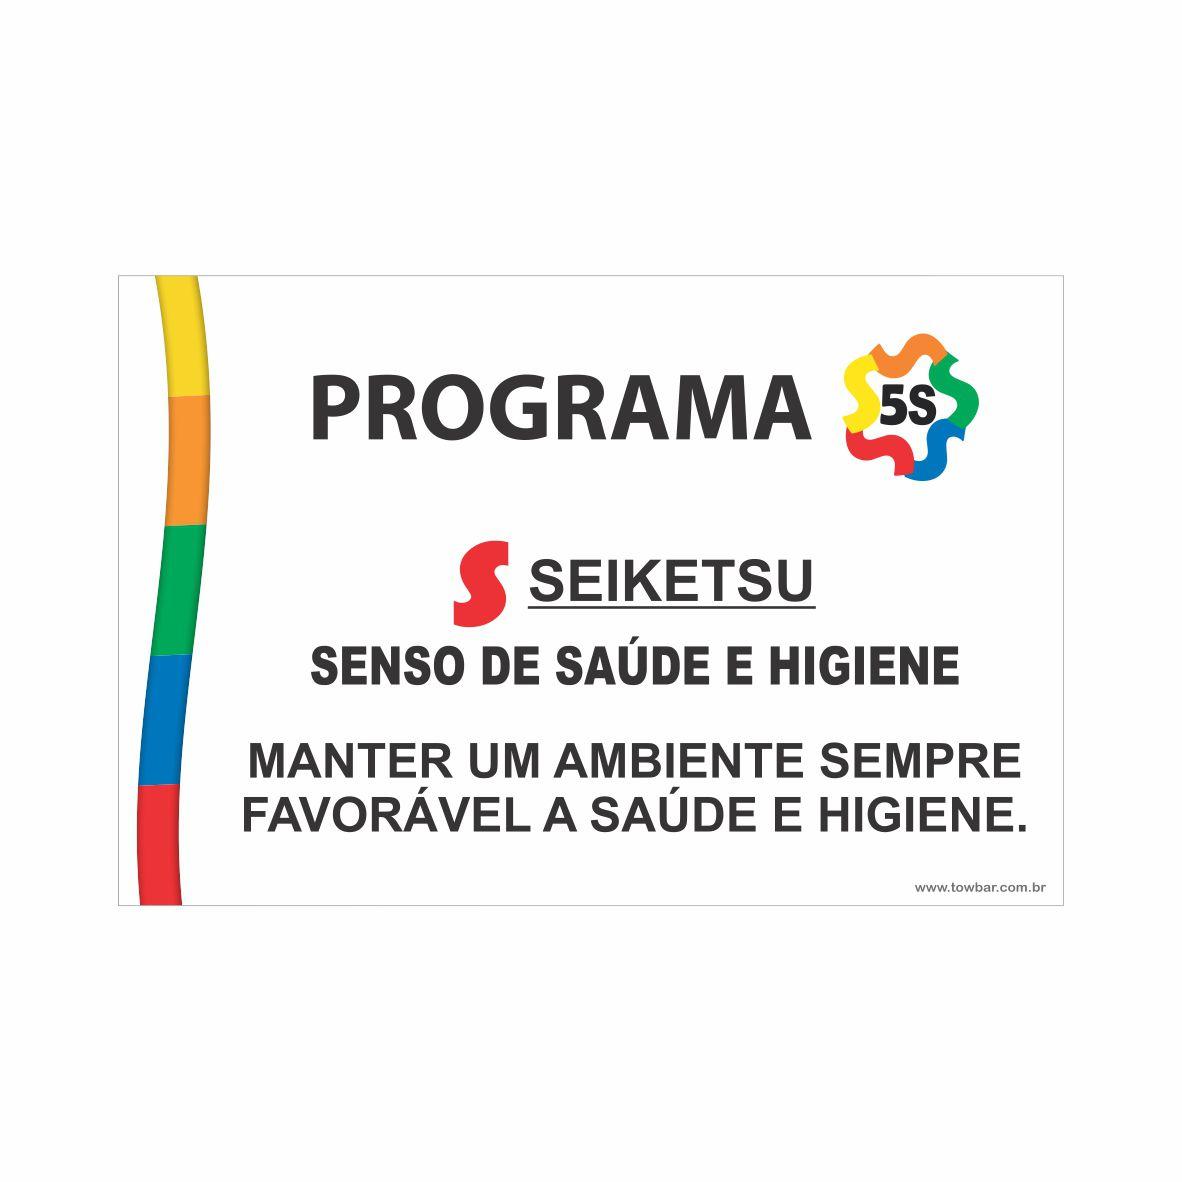 Programa 5S - Seiketsu  - Towbar Sinalização de Segurança